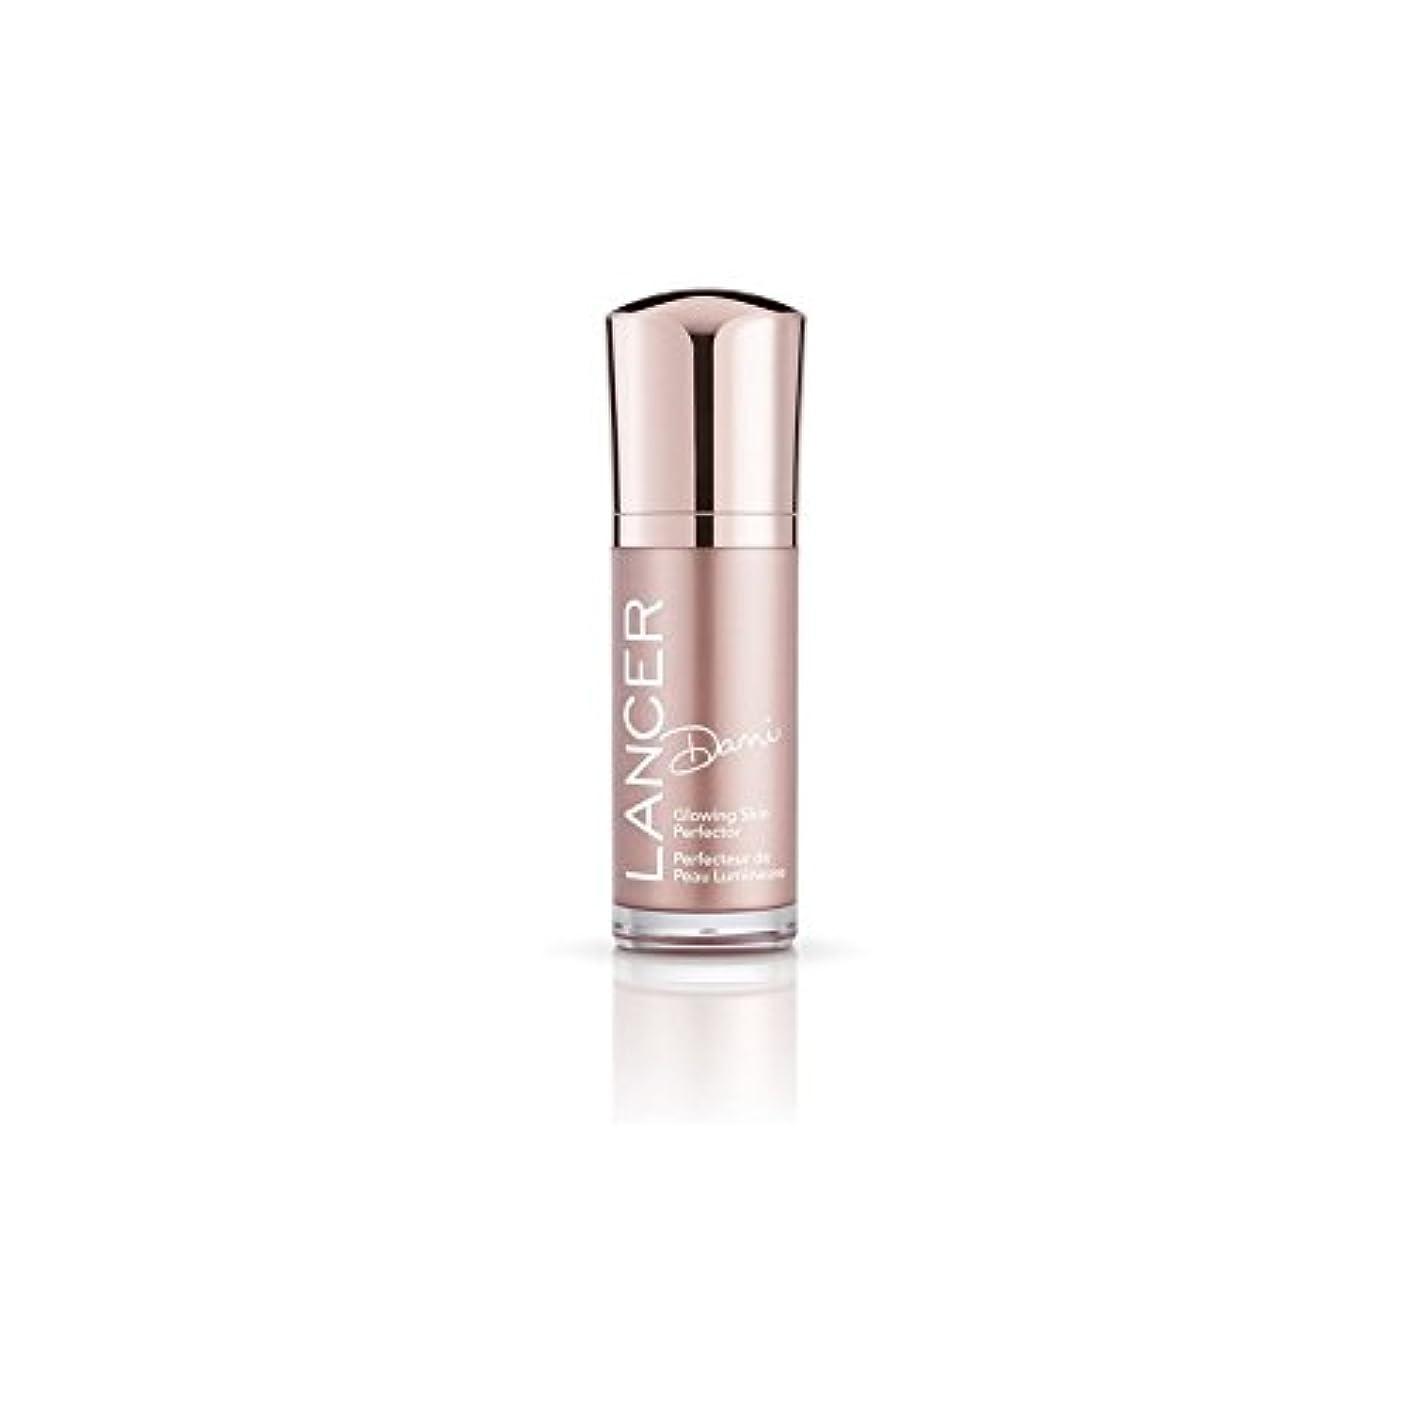 アカウントパック可決Lancer Skincare Dani Glowing Skin Perfector (30ml) - スキンパーフェク輝くランサースキンケアダニ(30ミリリットル) [並行輸入品]